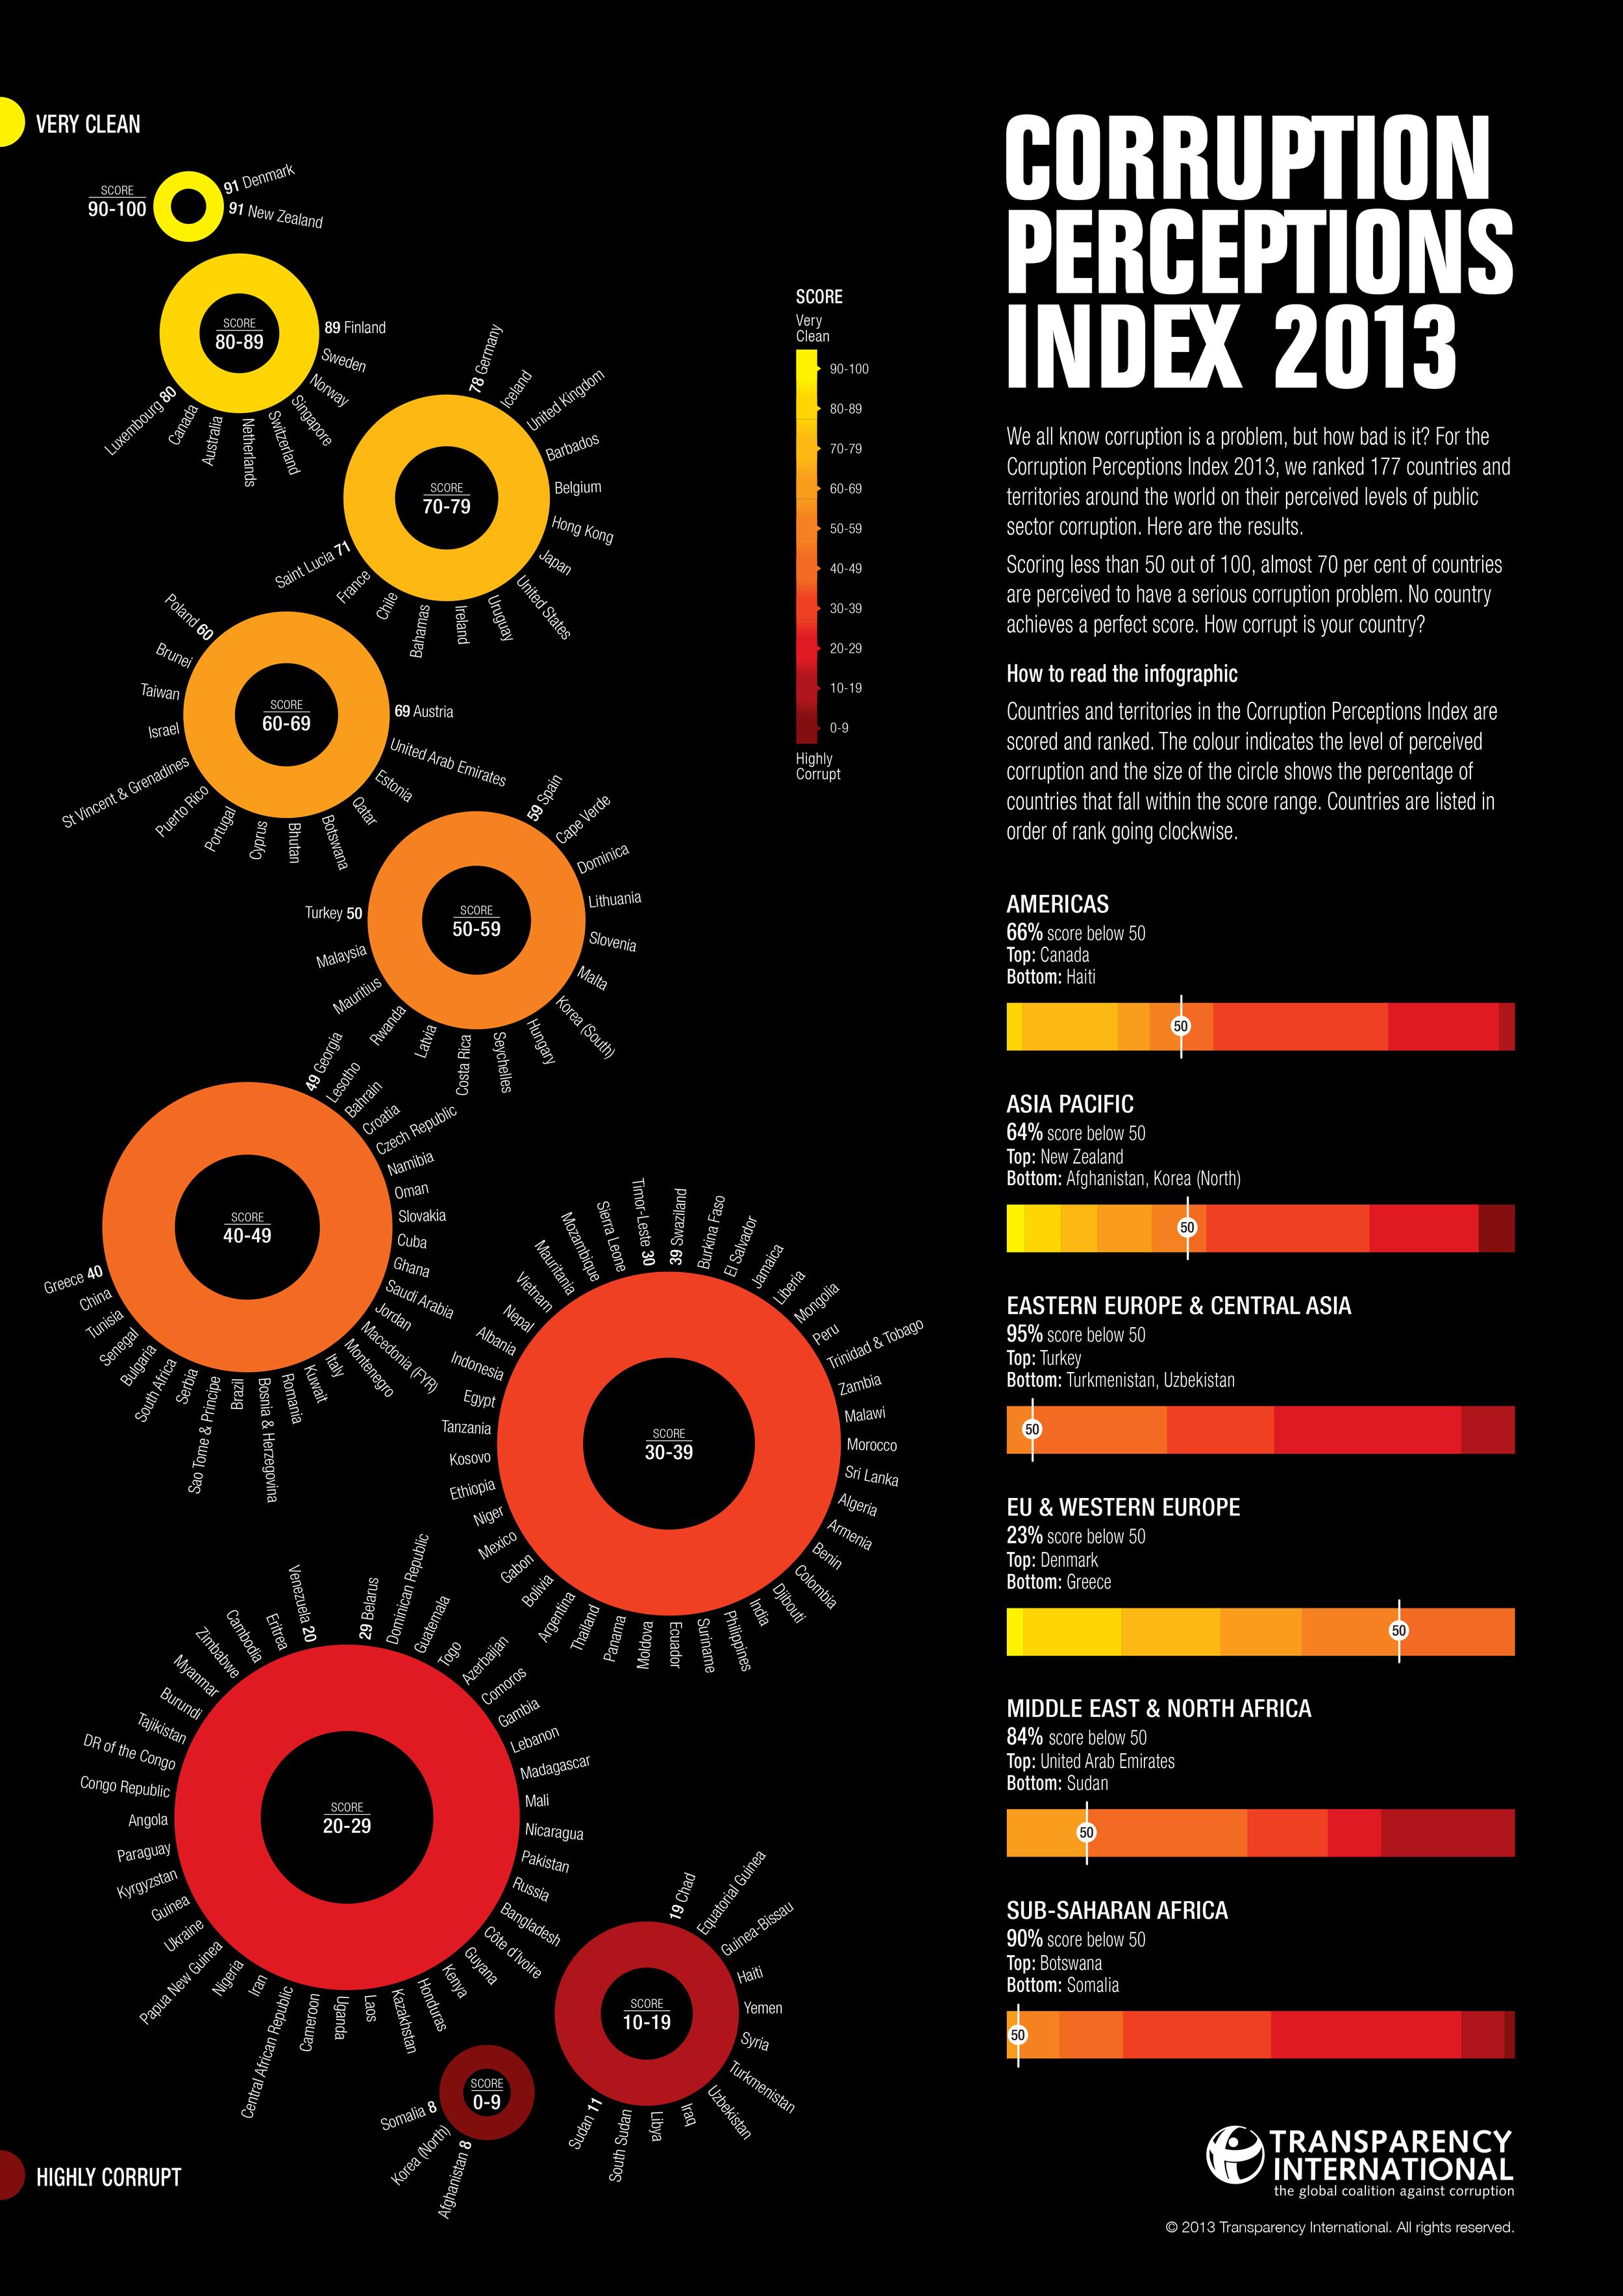 Corrupt Index